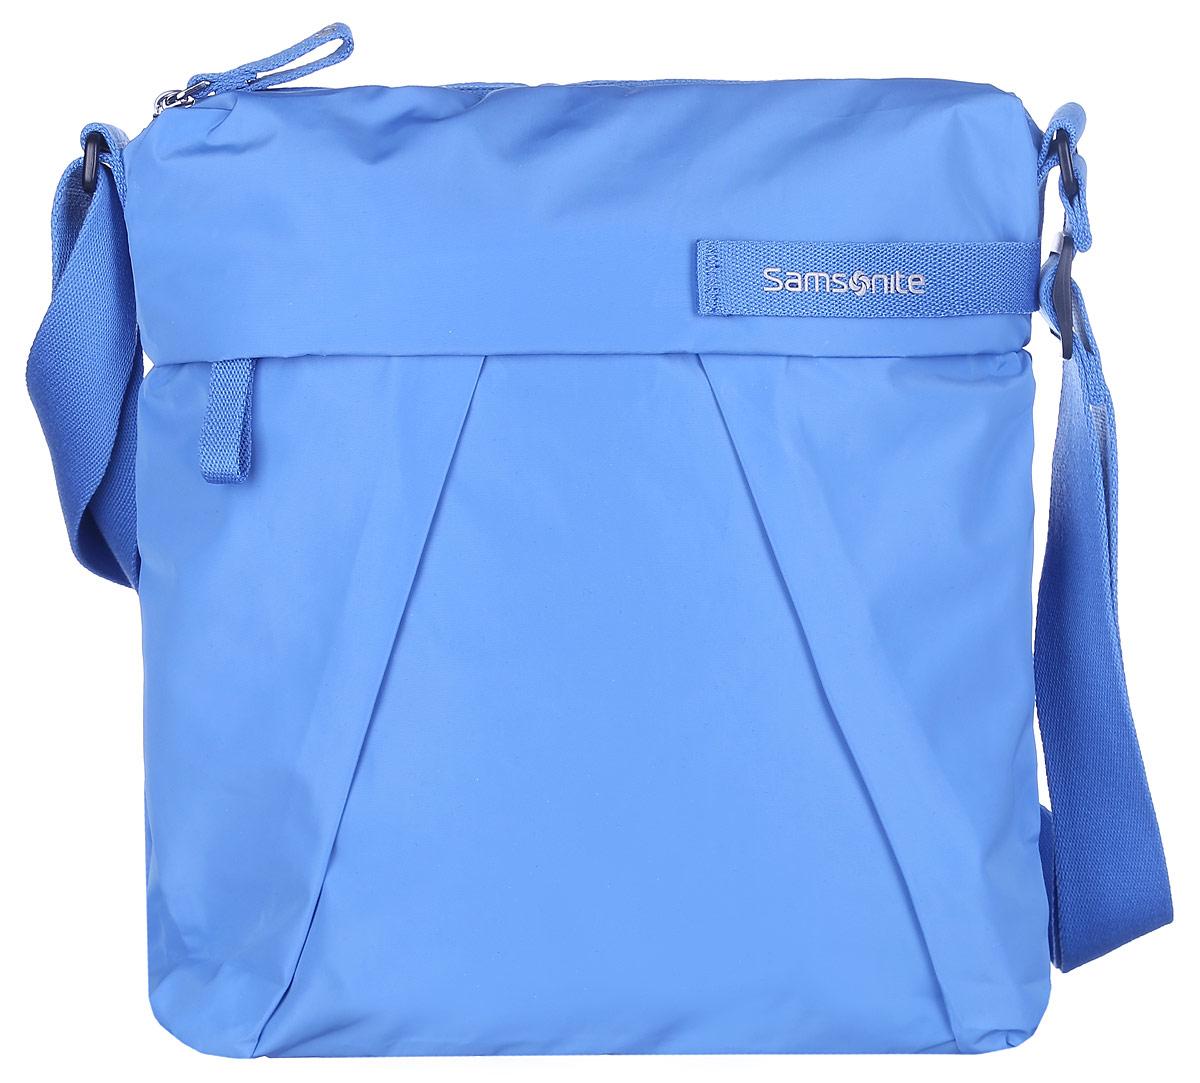 Сумка женская Samsonite, цвет: голубой. 51V-5100473298с-1Стильная и практичная женская сумка Samsonite выполнена из полиэстера, оформлена декоративными складками и логотипом бренда. Изделие состоит из одного отделения и закрывается на застежку-молнию. Внутри расположен врезной карман на молнии. Снаружи, на передней стенке расположен прорезной карман на молнии, а на задней стенке - прорезной карман на липучке. Сумка оснащена несъёмным текстильным плечевым ремнем, регулируемой длины.Стильная сумка позволит вам завершить образ.